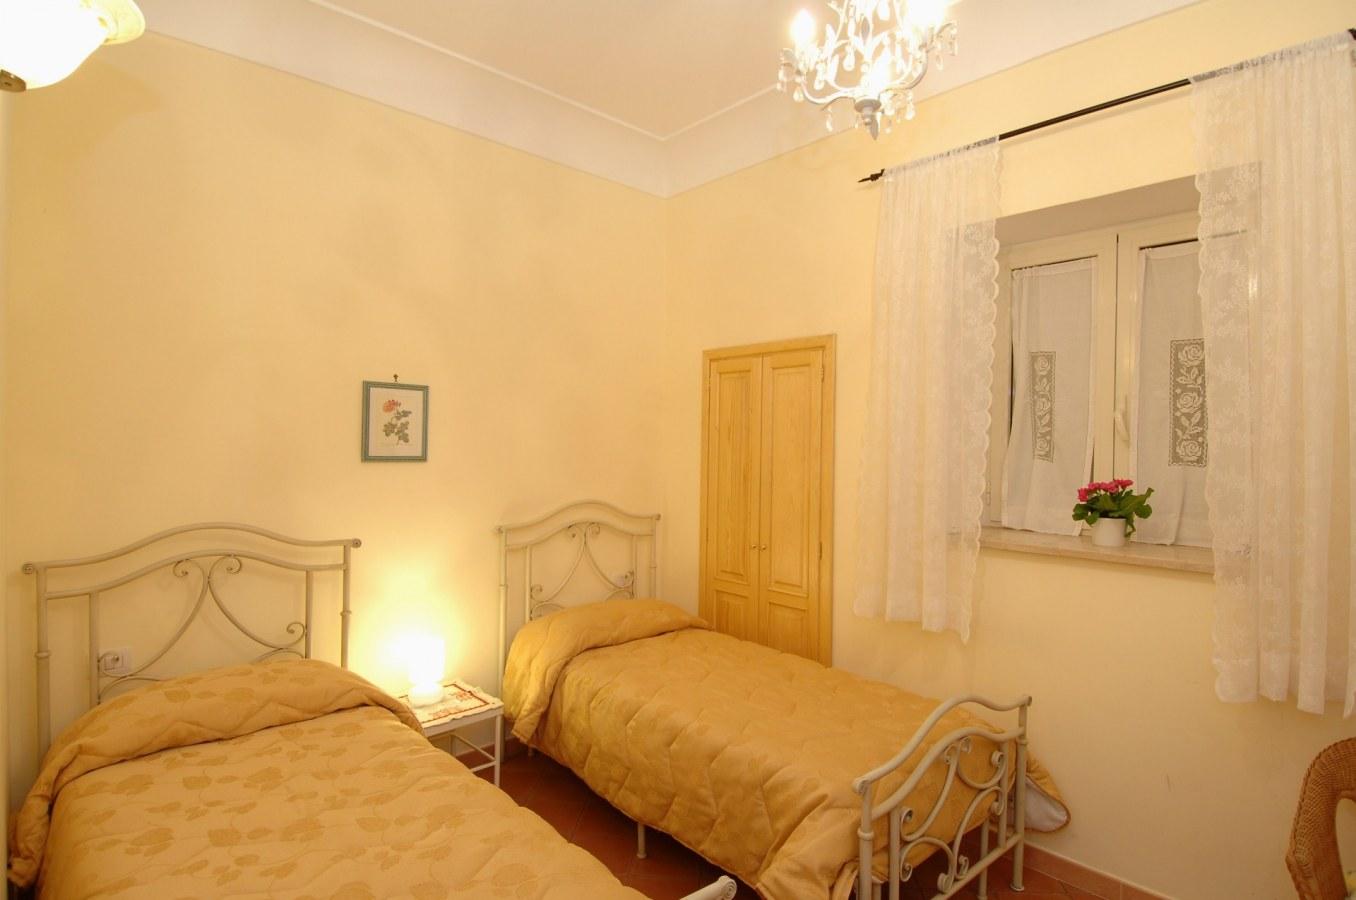 Стоимость аренды квартиры в италии аренцано